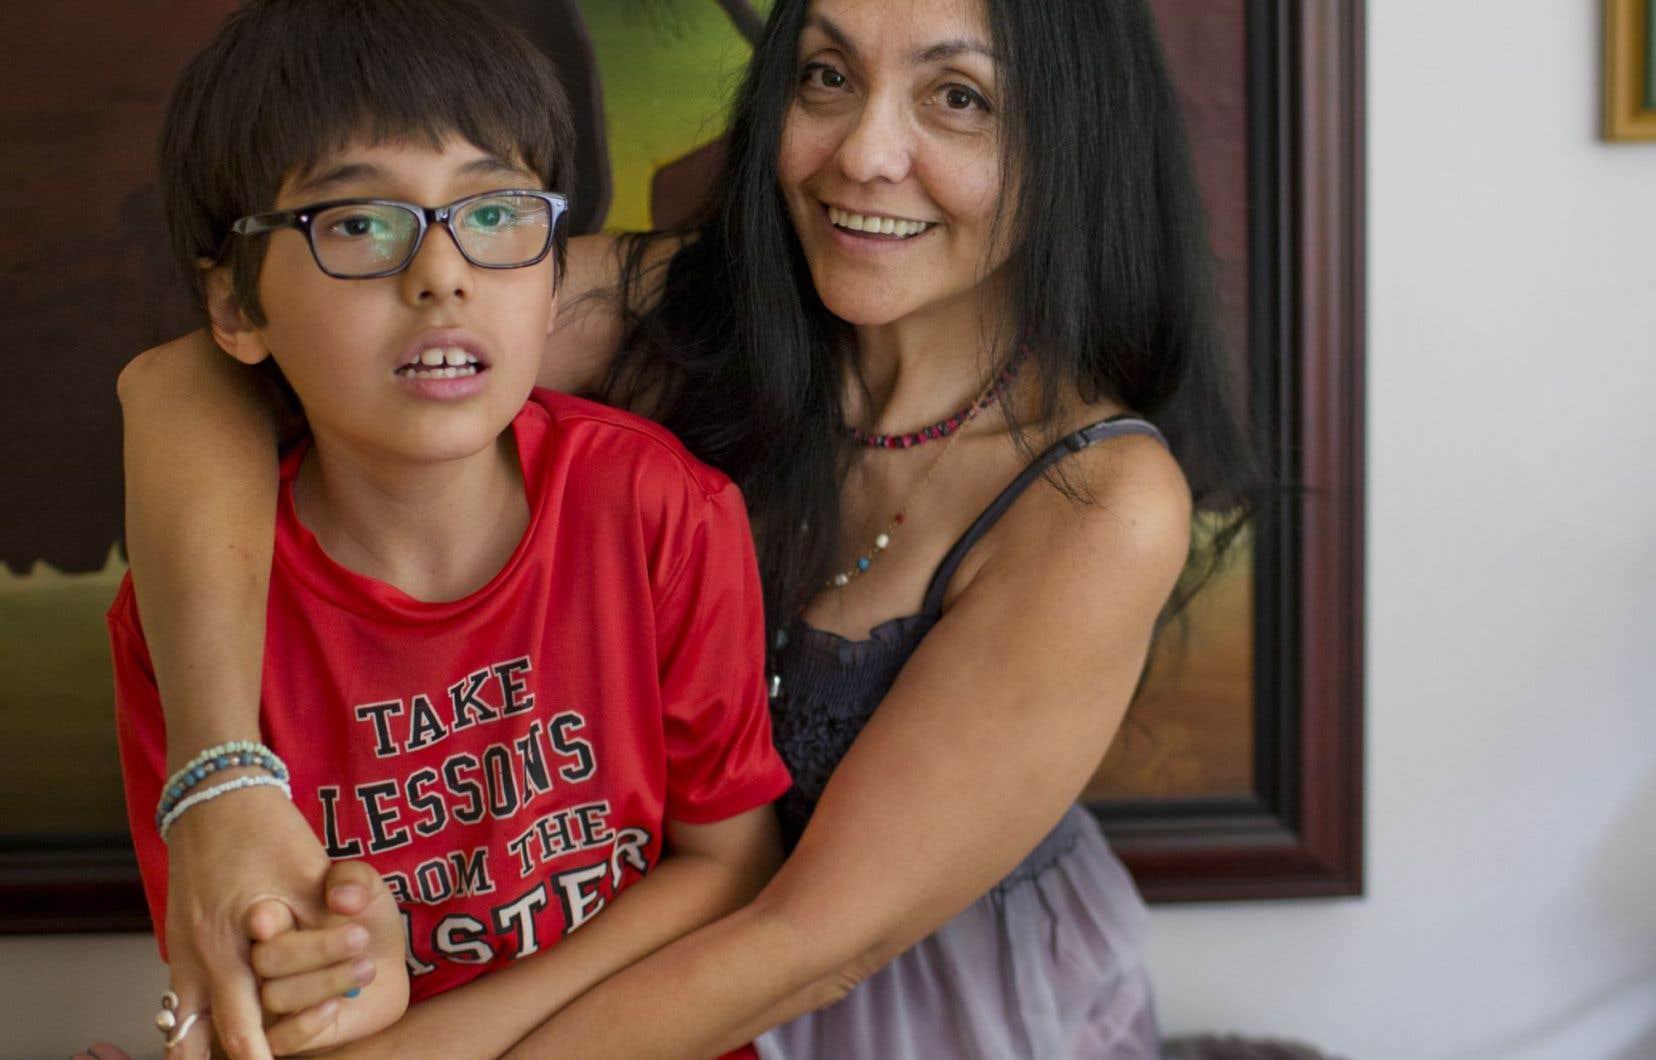 Lucila Guerrero, mère d'un jeune garçon autiste asperger, raconte être partagée entre la tristesse et la frustration devant cette situation.